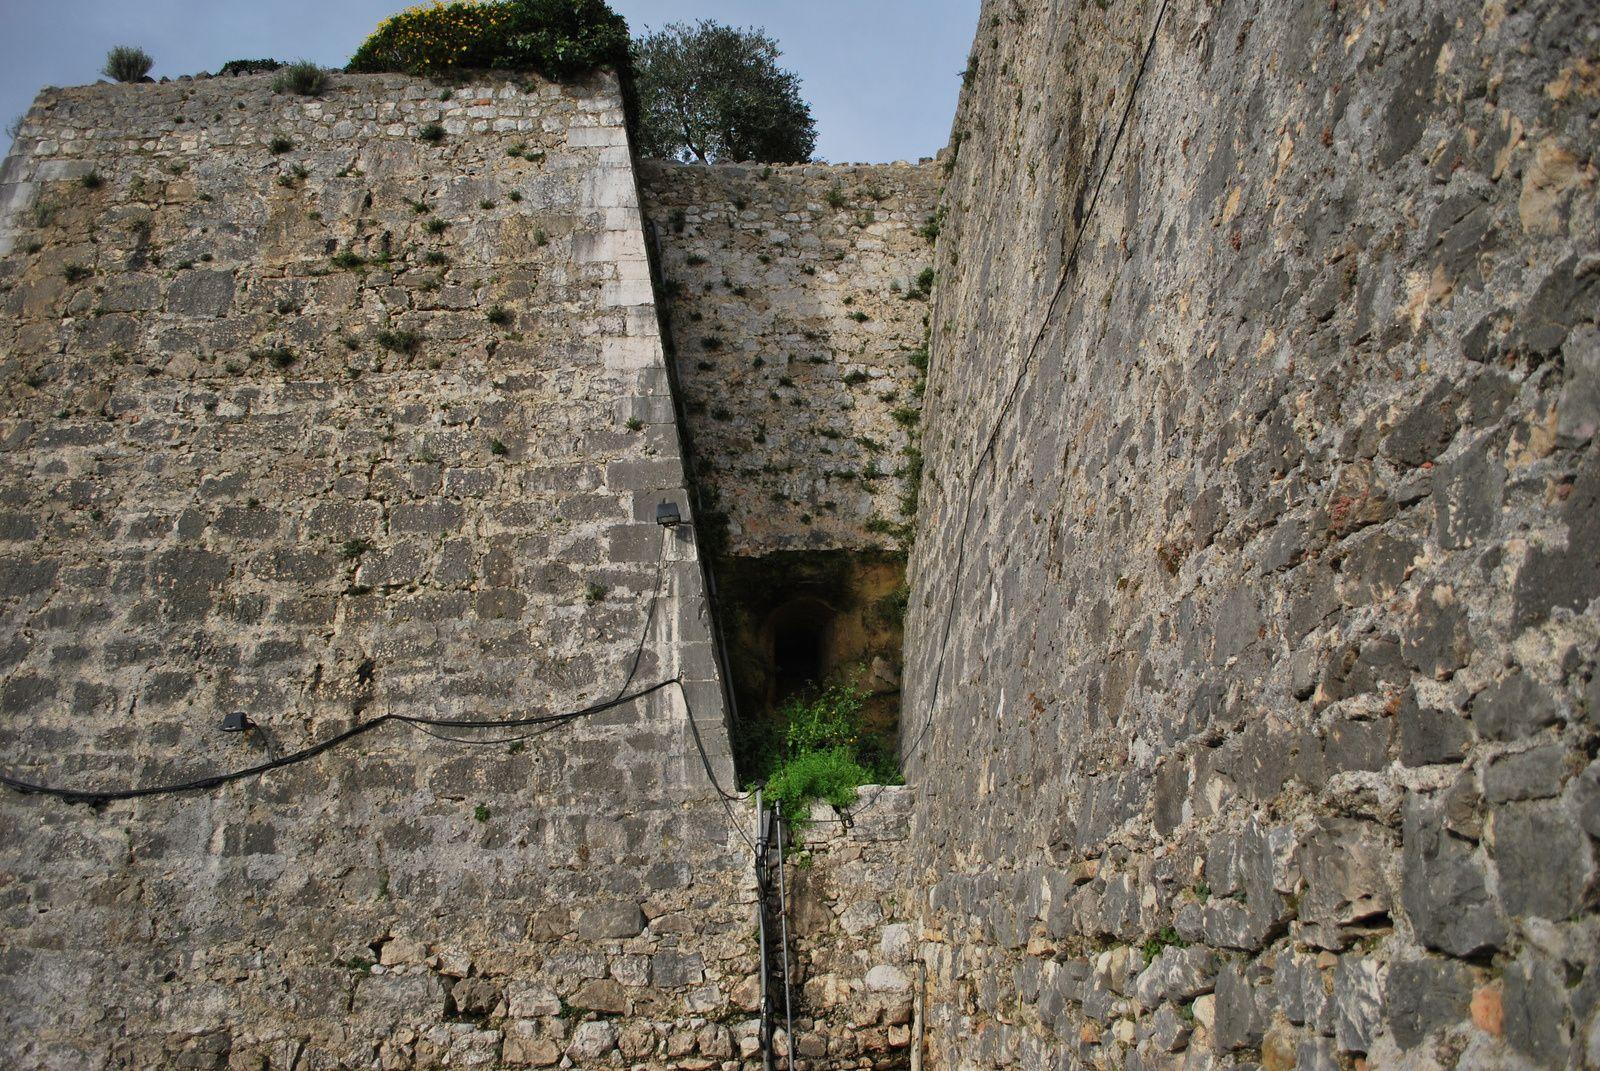 Les casemates et les emplacements du canon se font face. Vestige d'un bastion et Bastion de Grignan